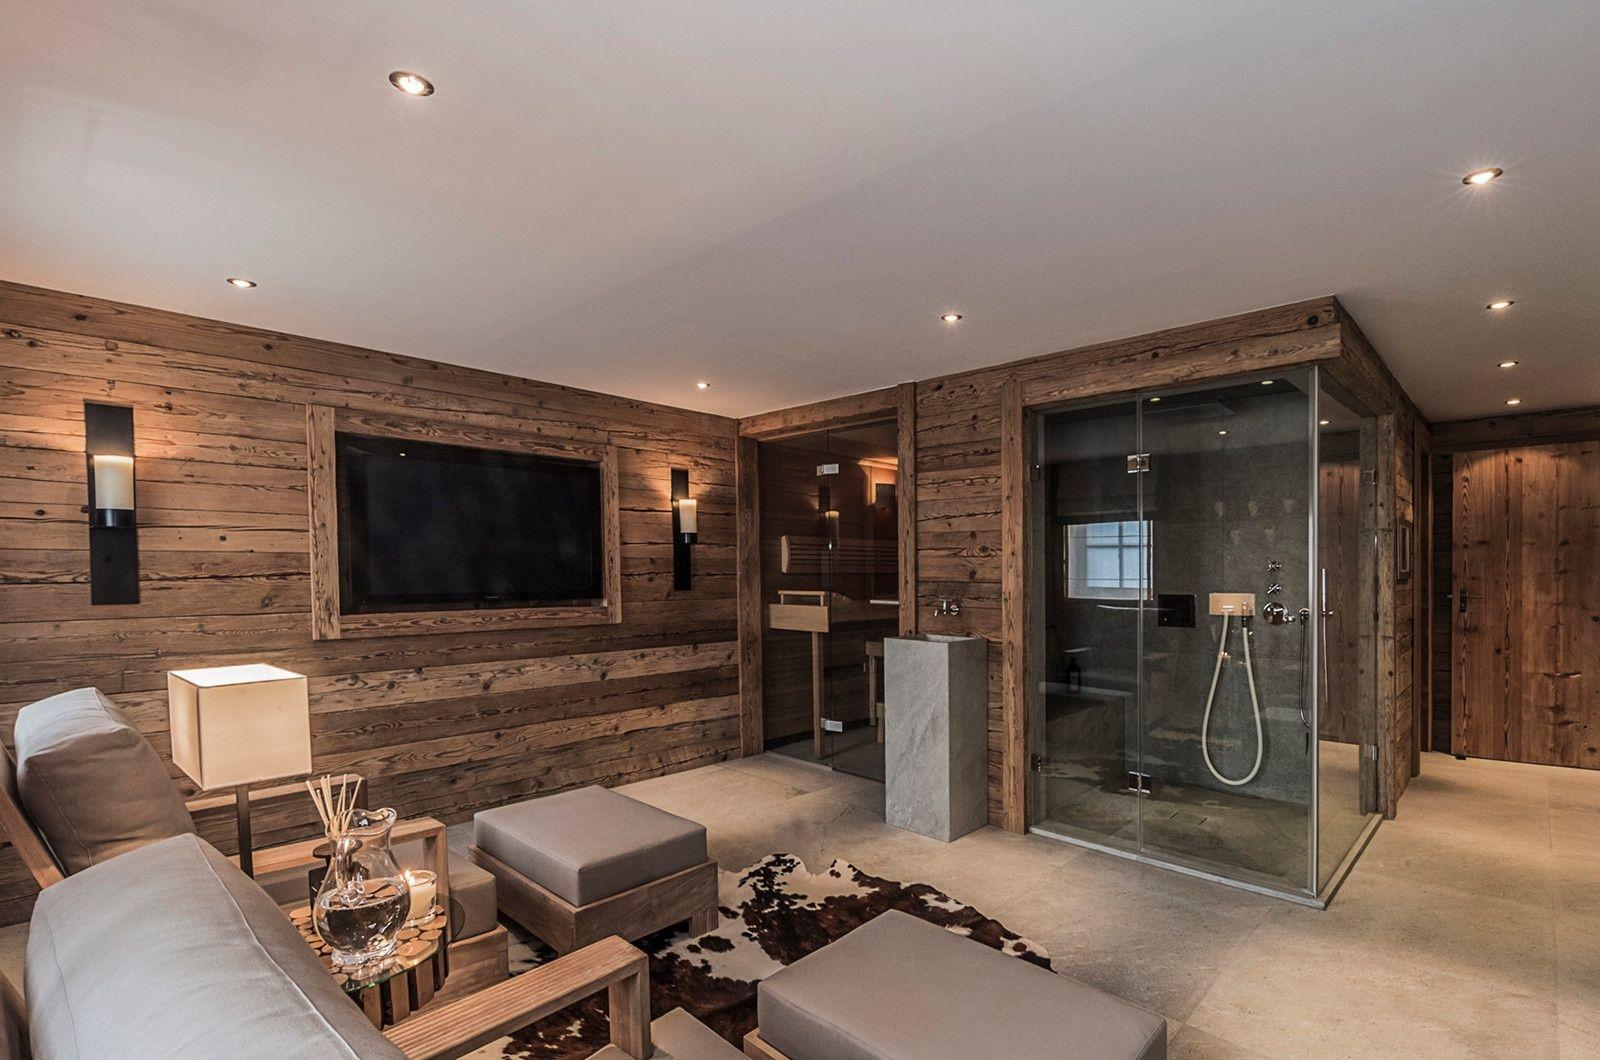 Wellnessbereich Mit Sauna, Dampfbad Und Entspannungsbereich